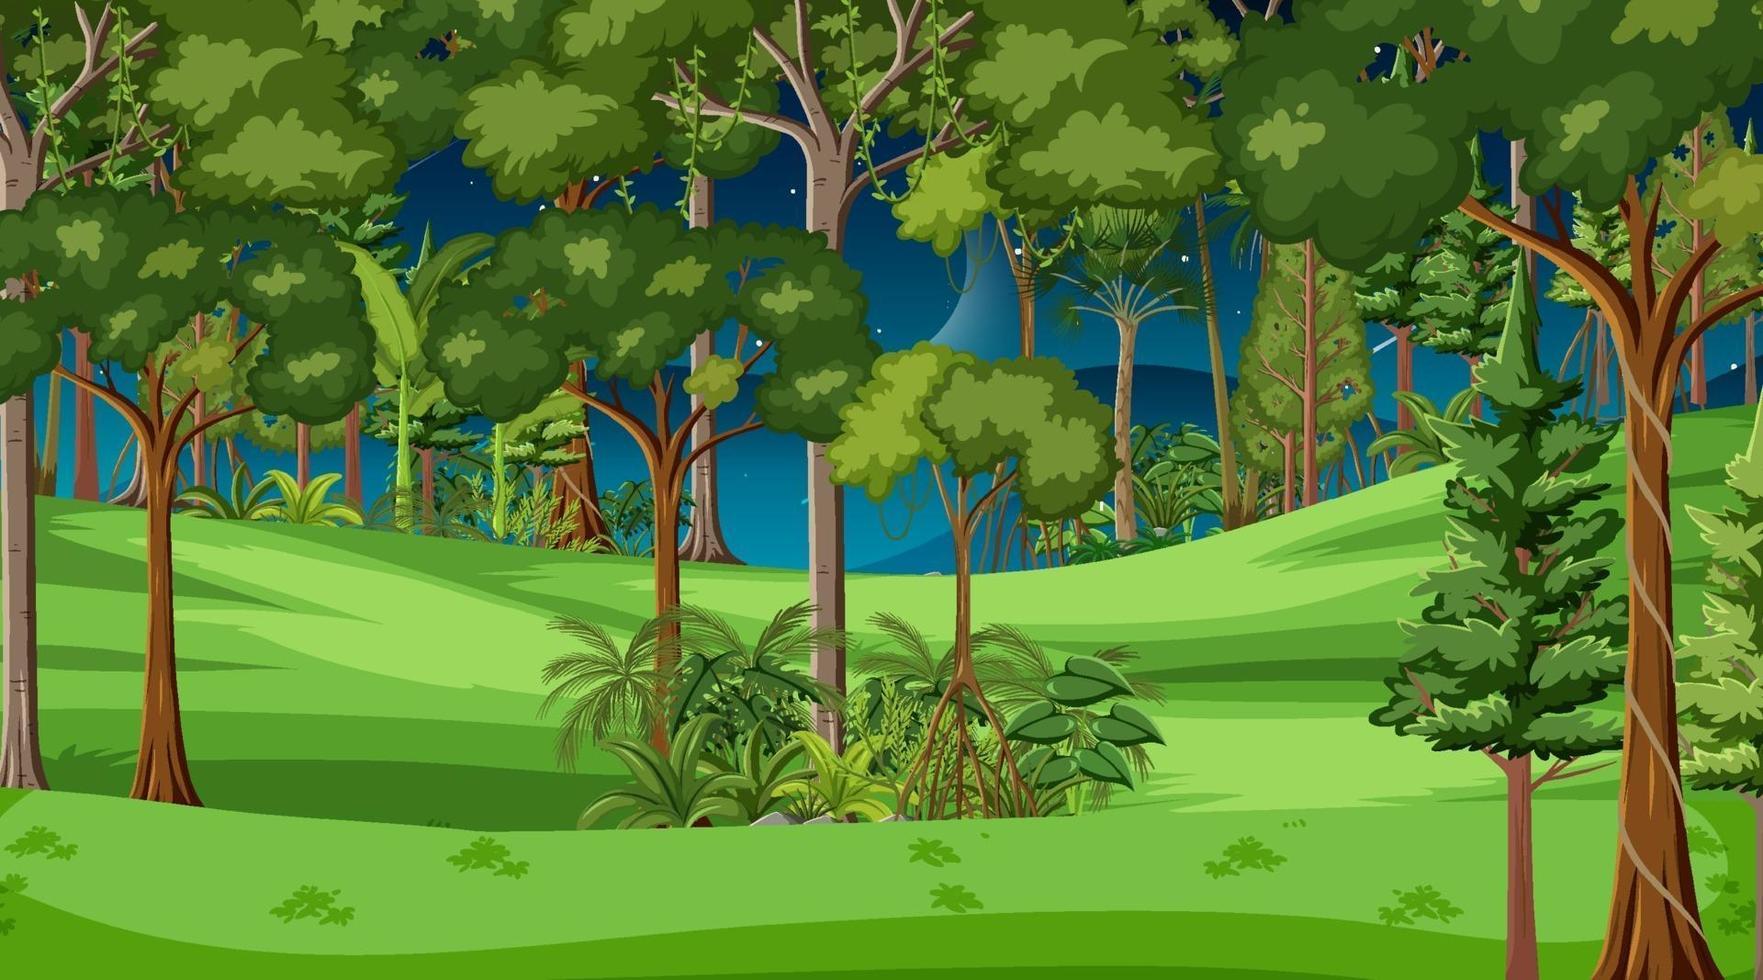 cena da paisagem da floresta à noite com muitas árvores vetor